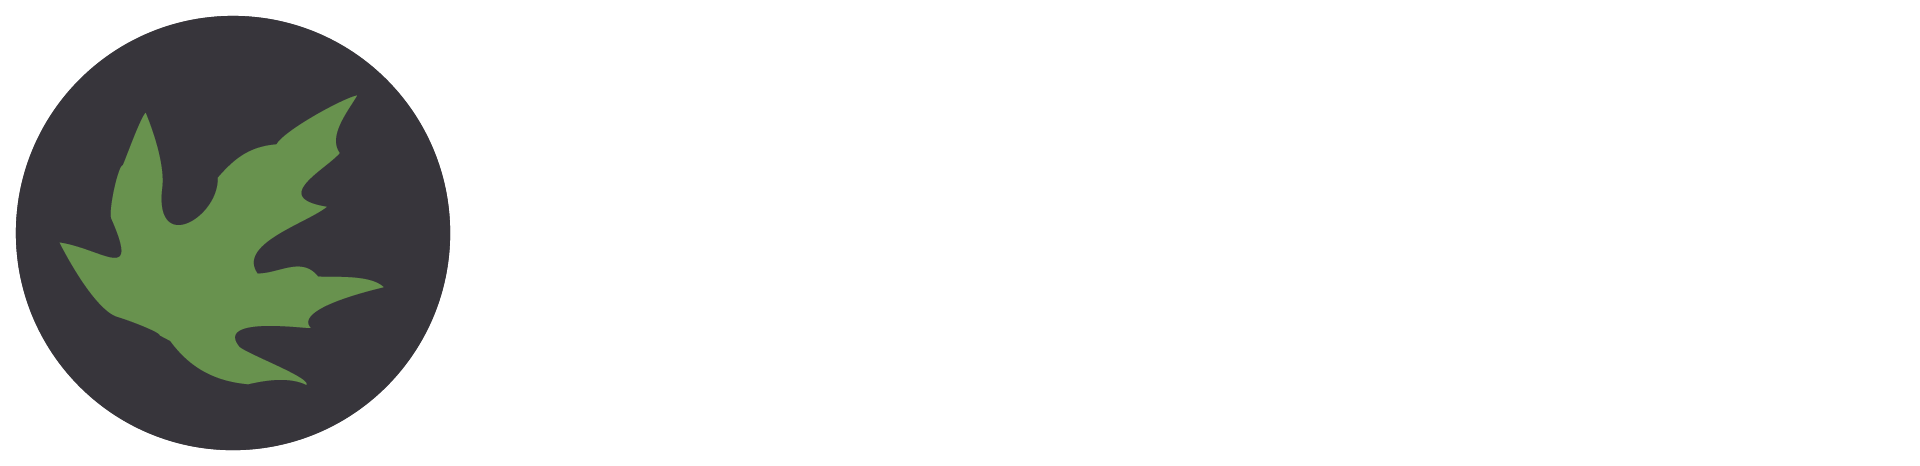 Dumont paysage